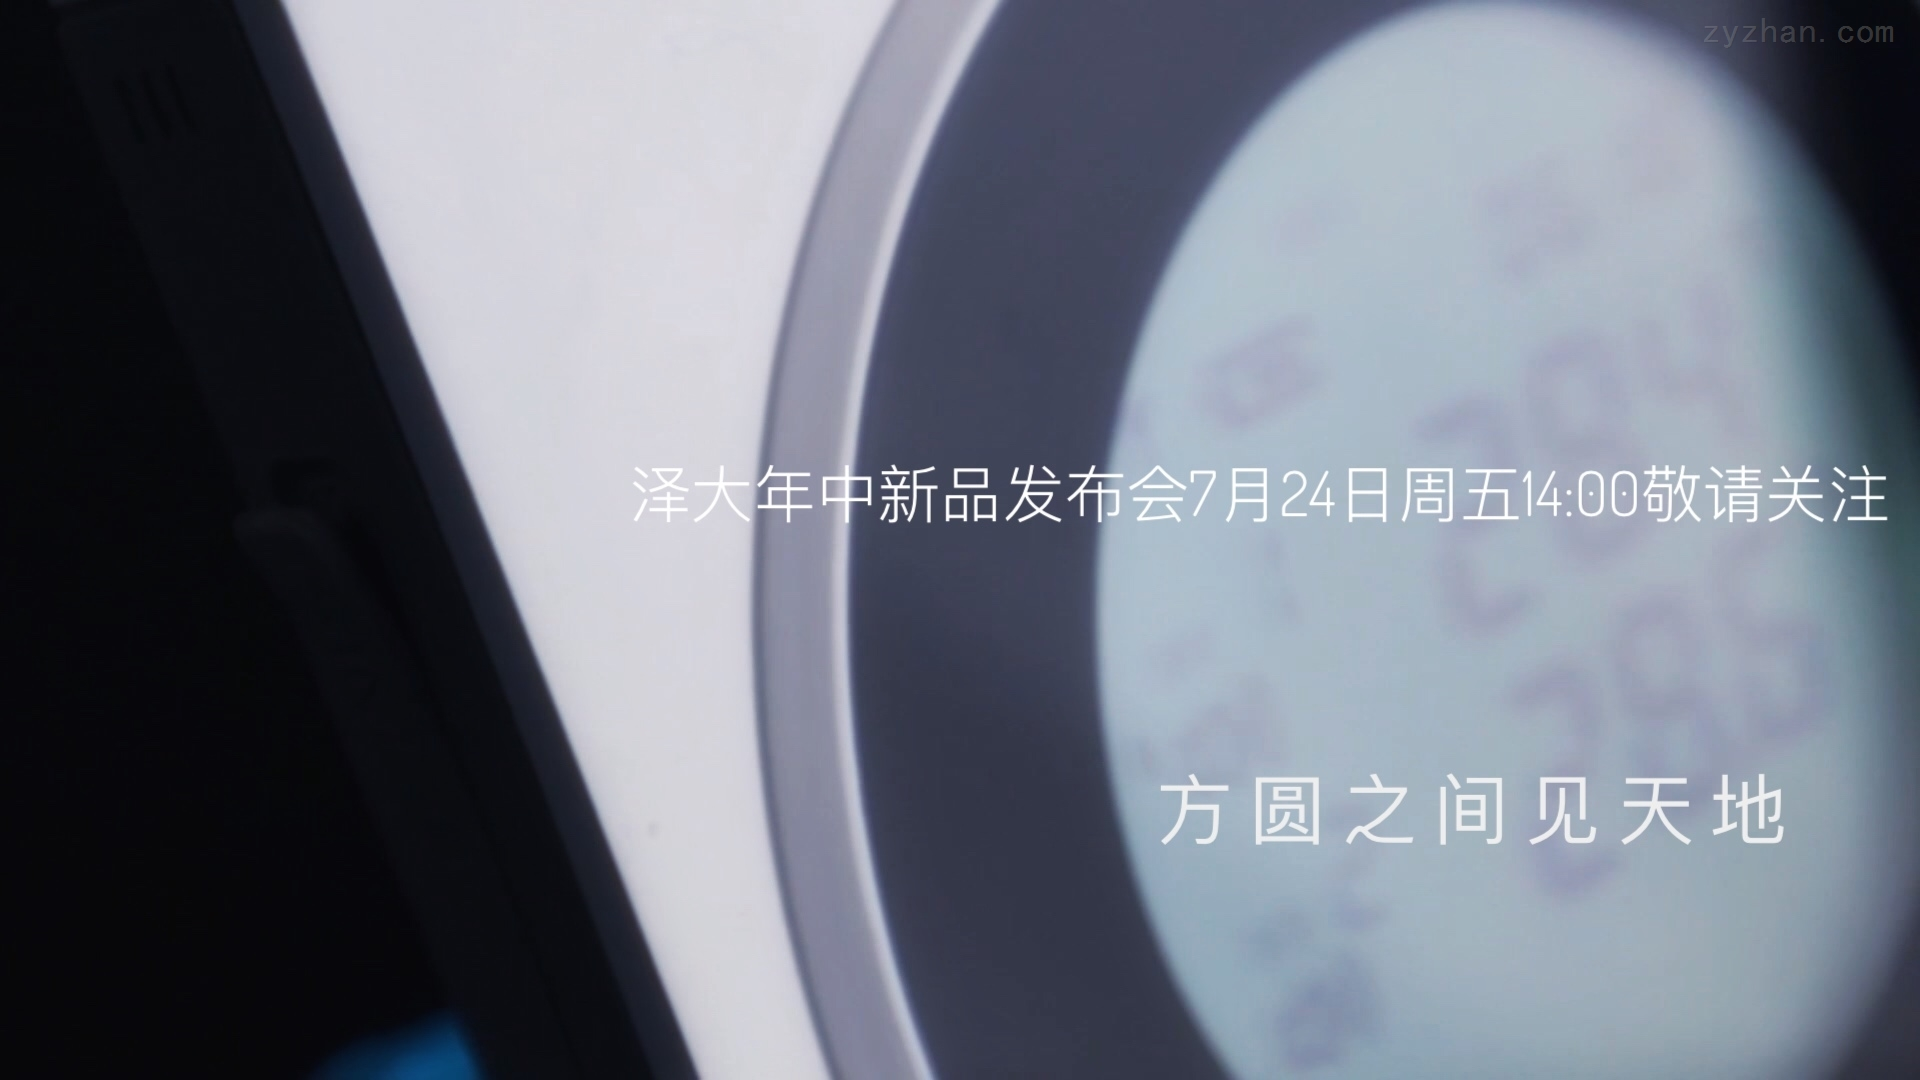 泽大仪器2020年中新品发布会